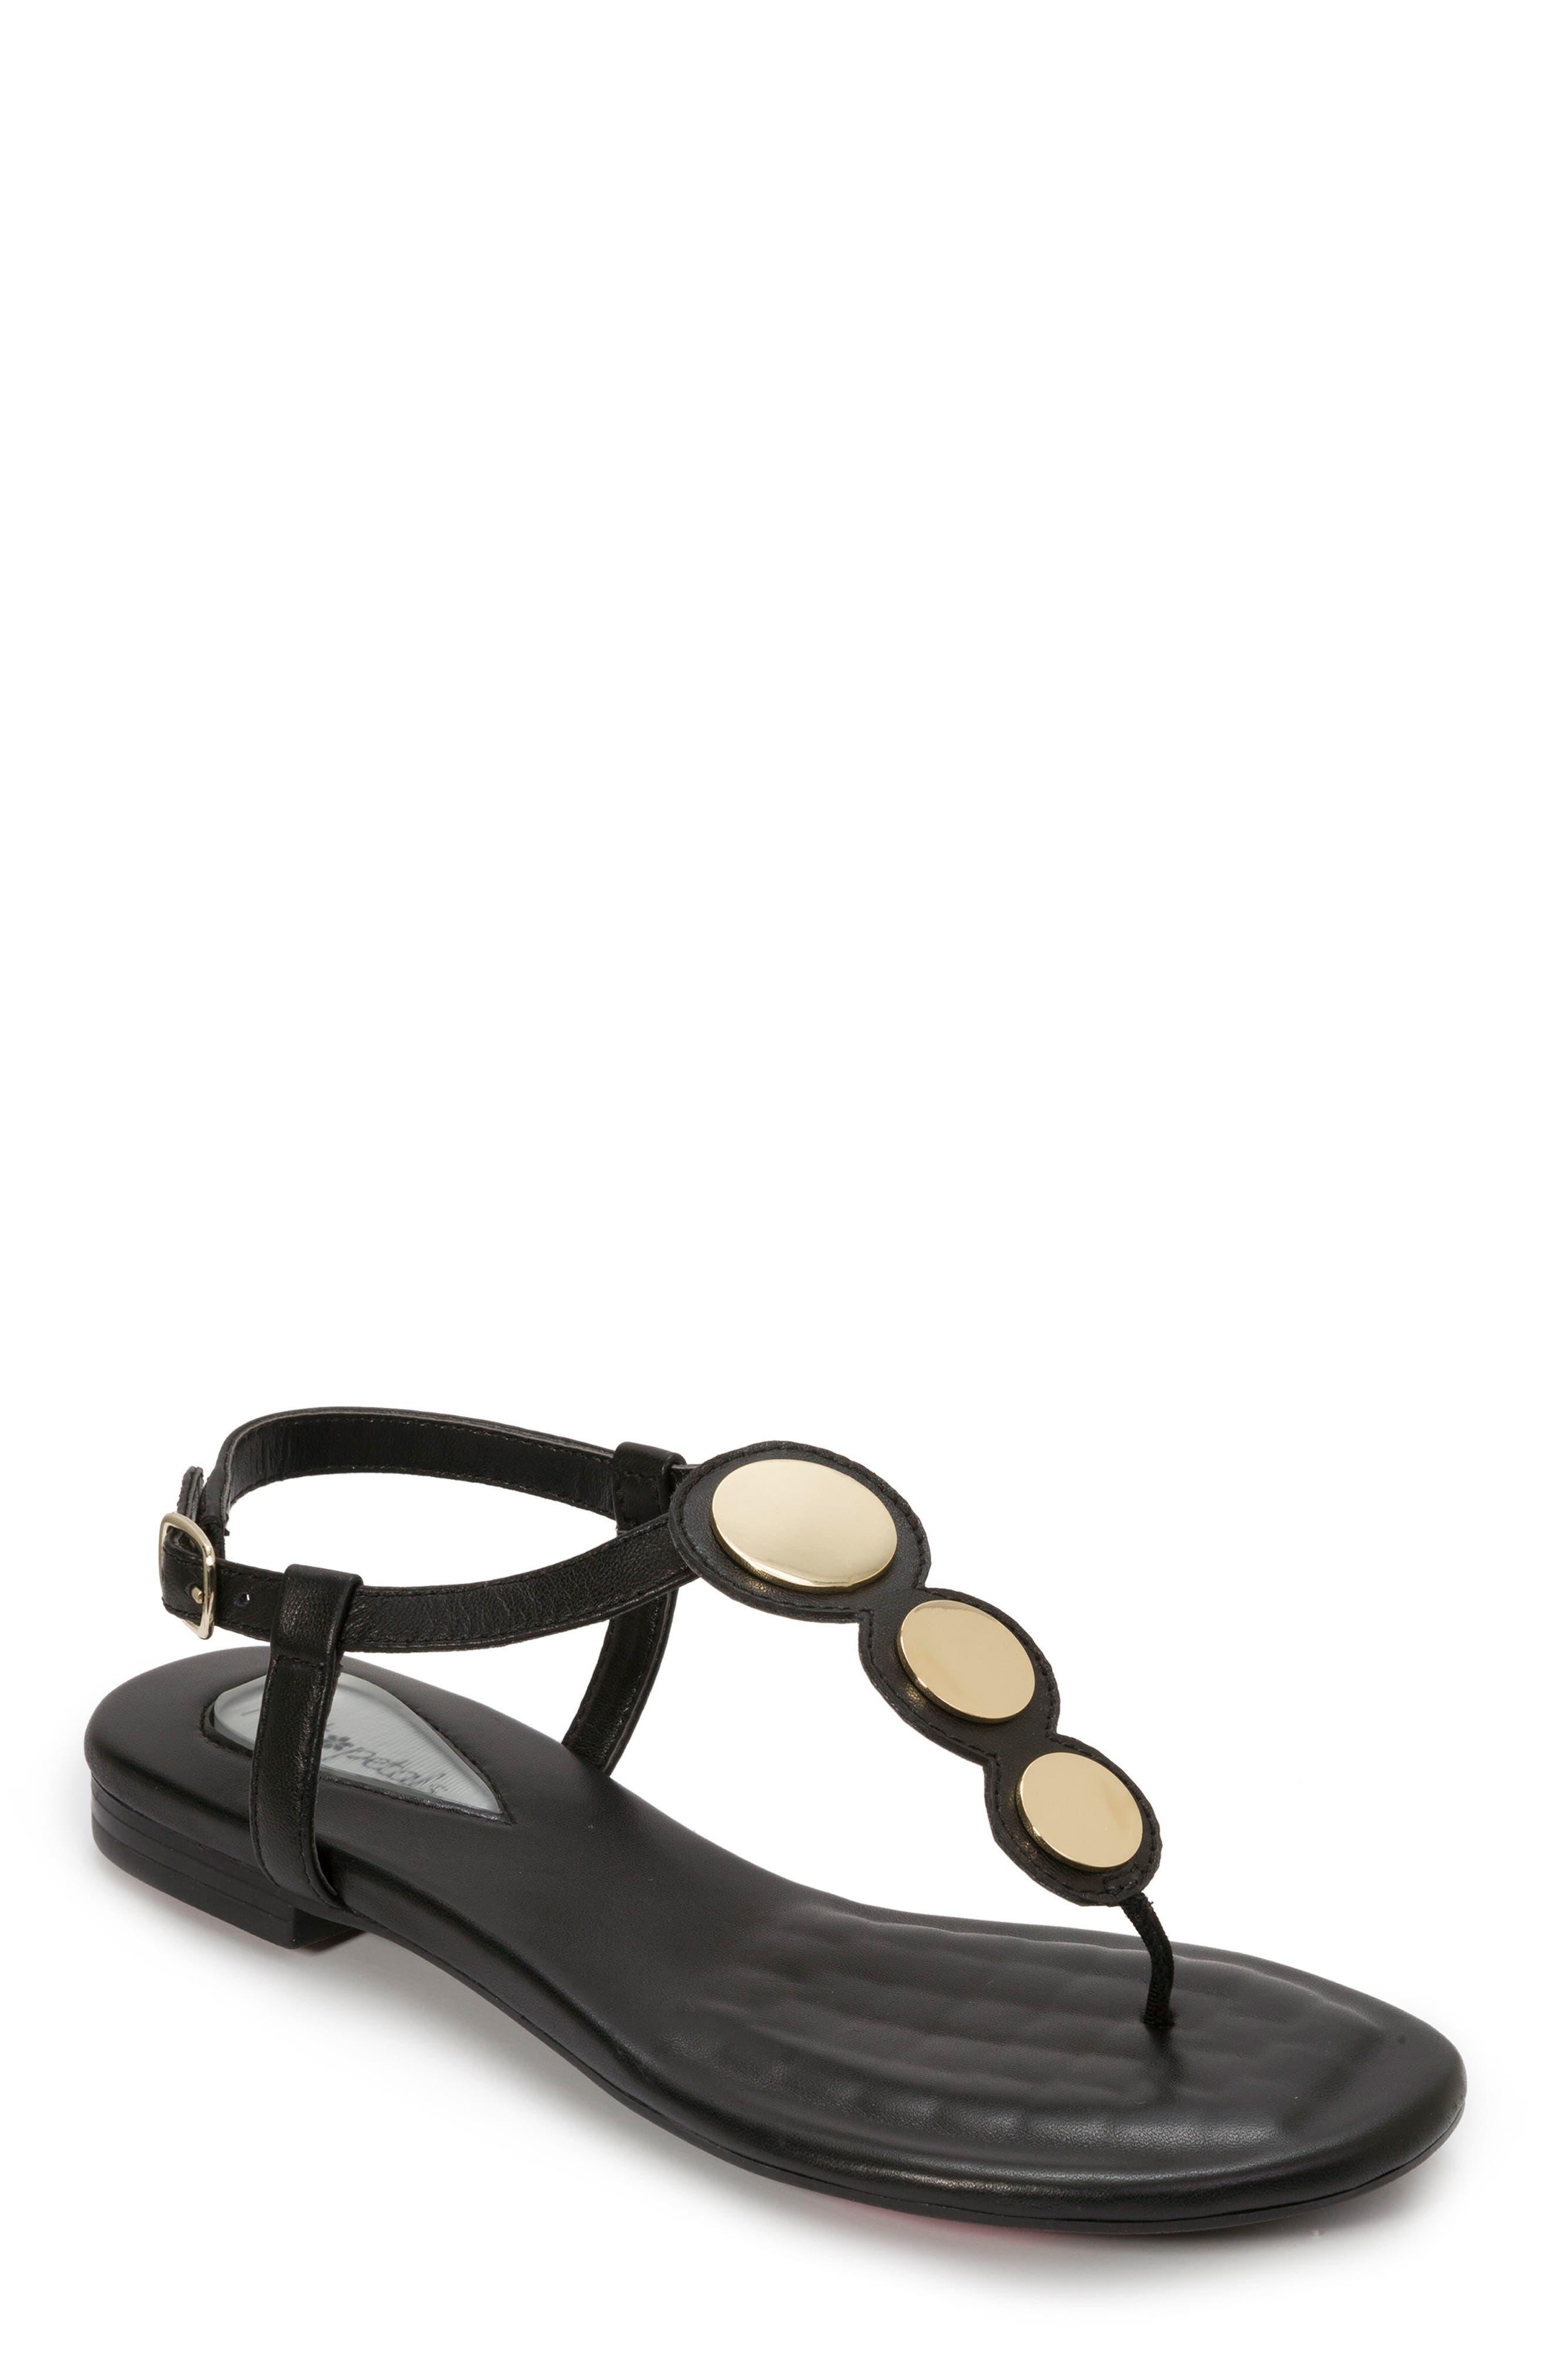 3fb0d0a2ffa7 Women s Foot Petals Flat Heeled Sandals